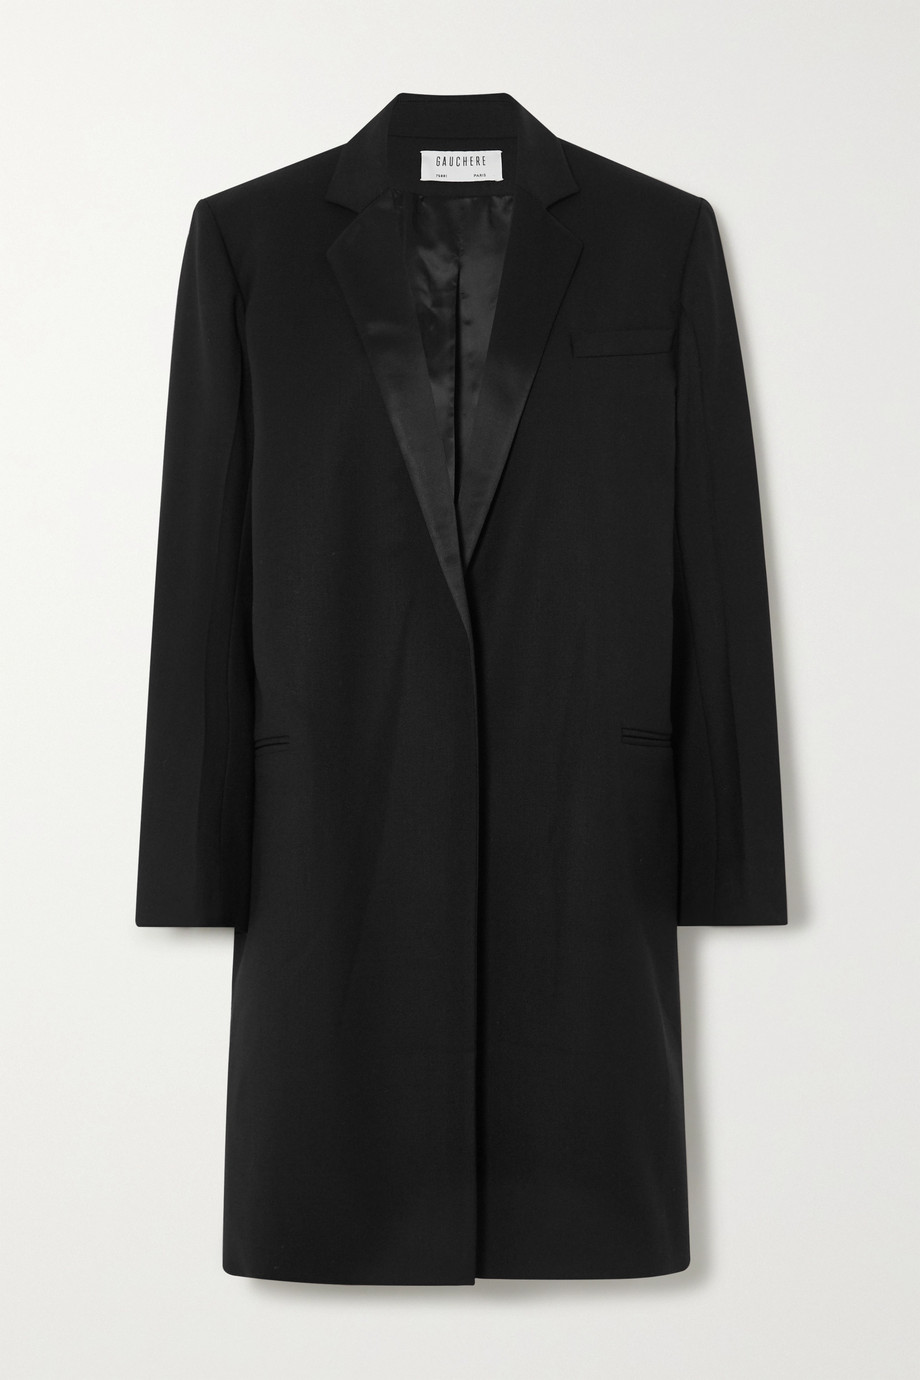 GAUCHERE Ritha satin-trimmed wool-blend coat